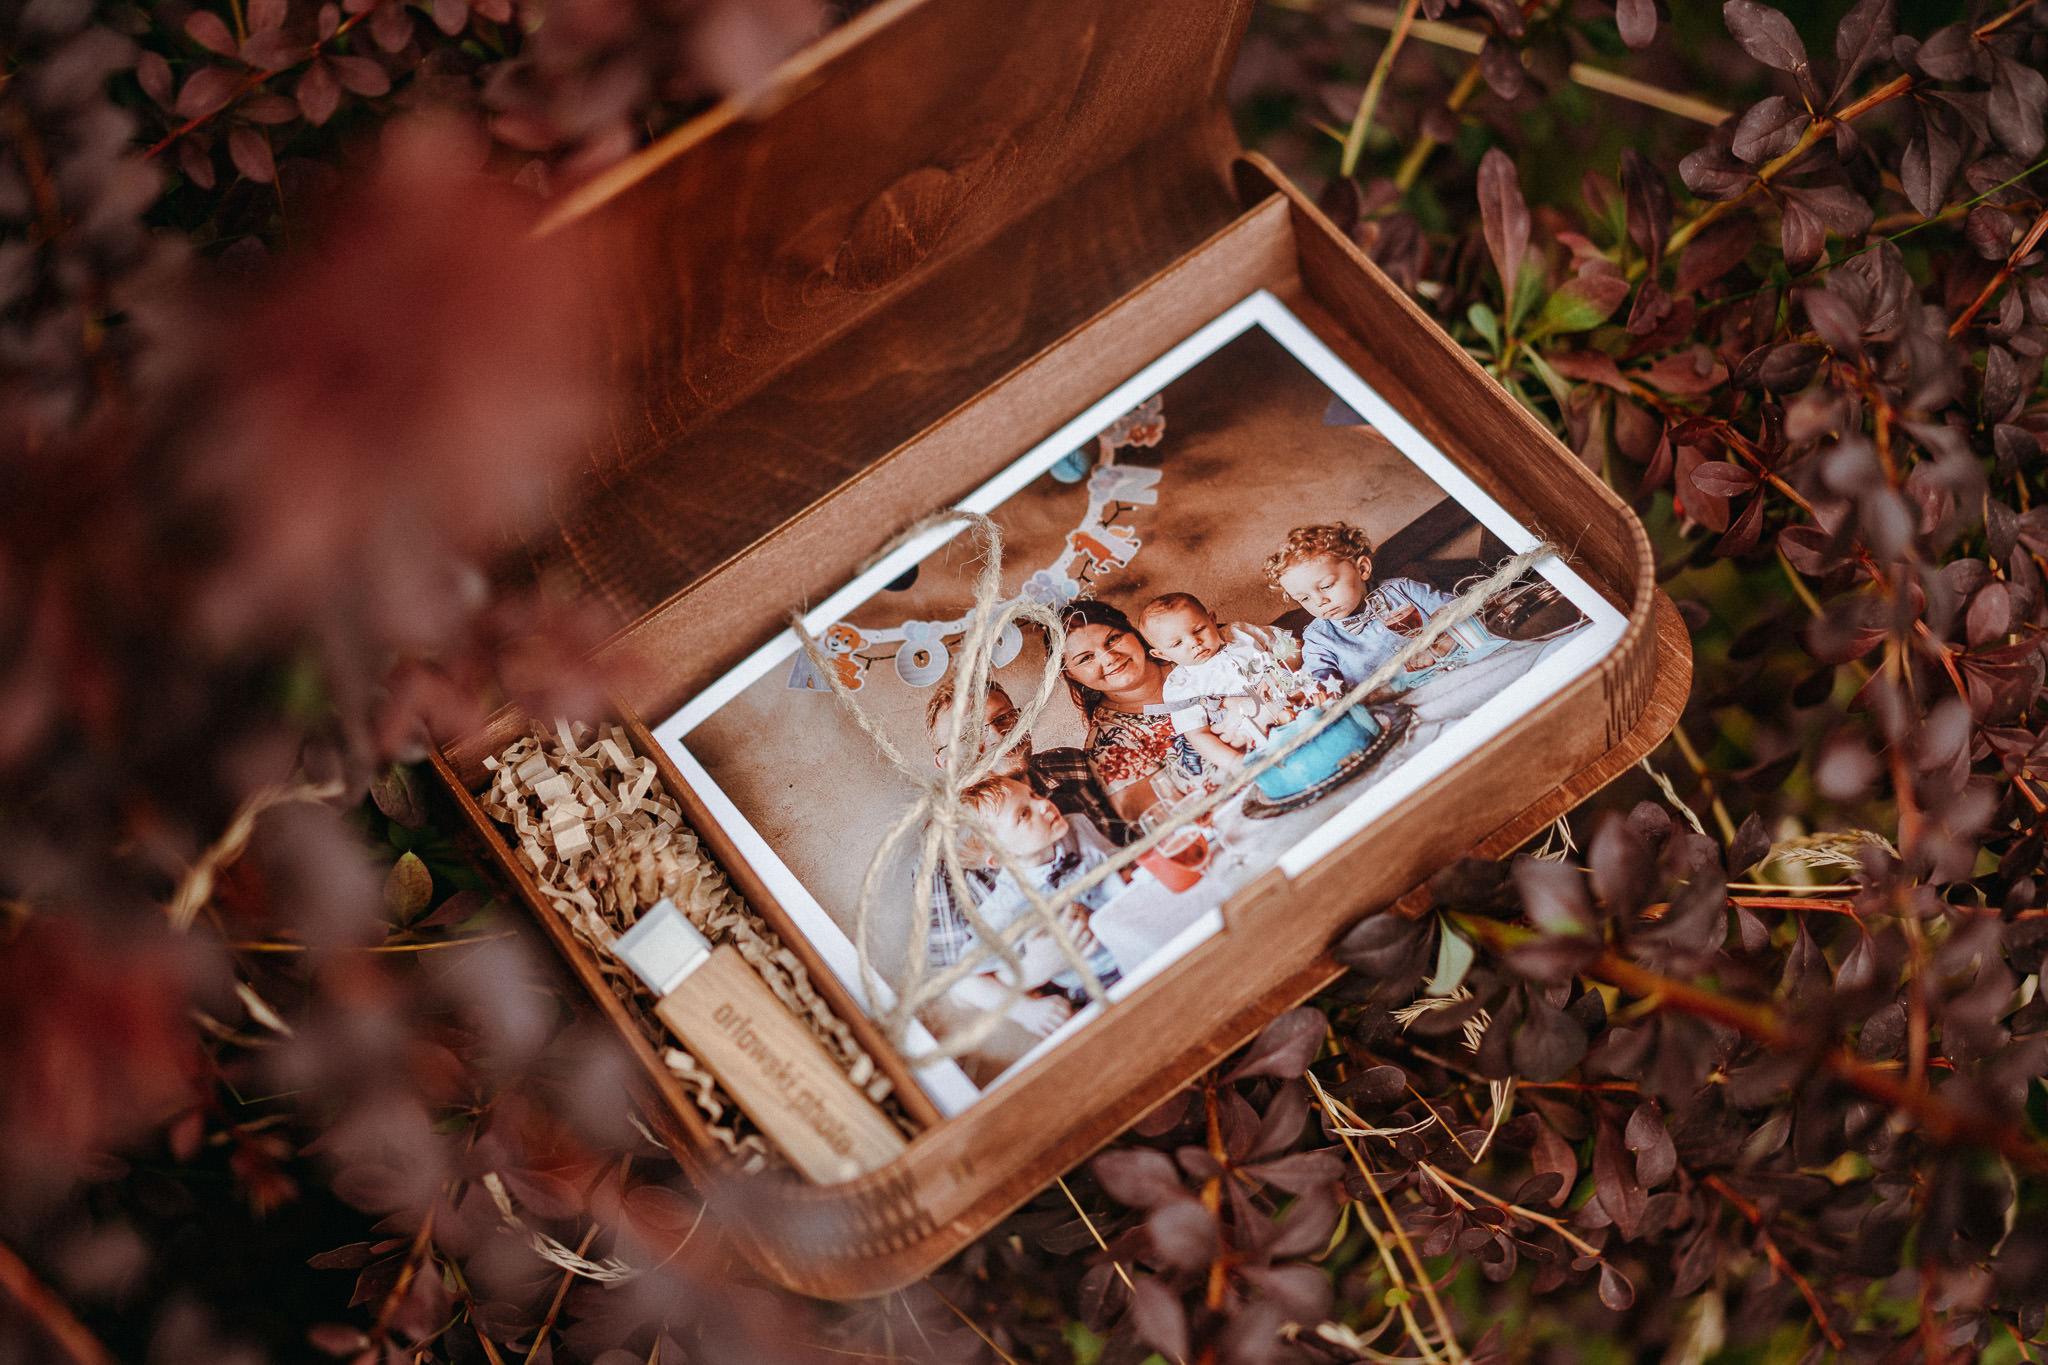 Wywołane zdjęcia z pierwszych urodzin dziecka